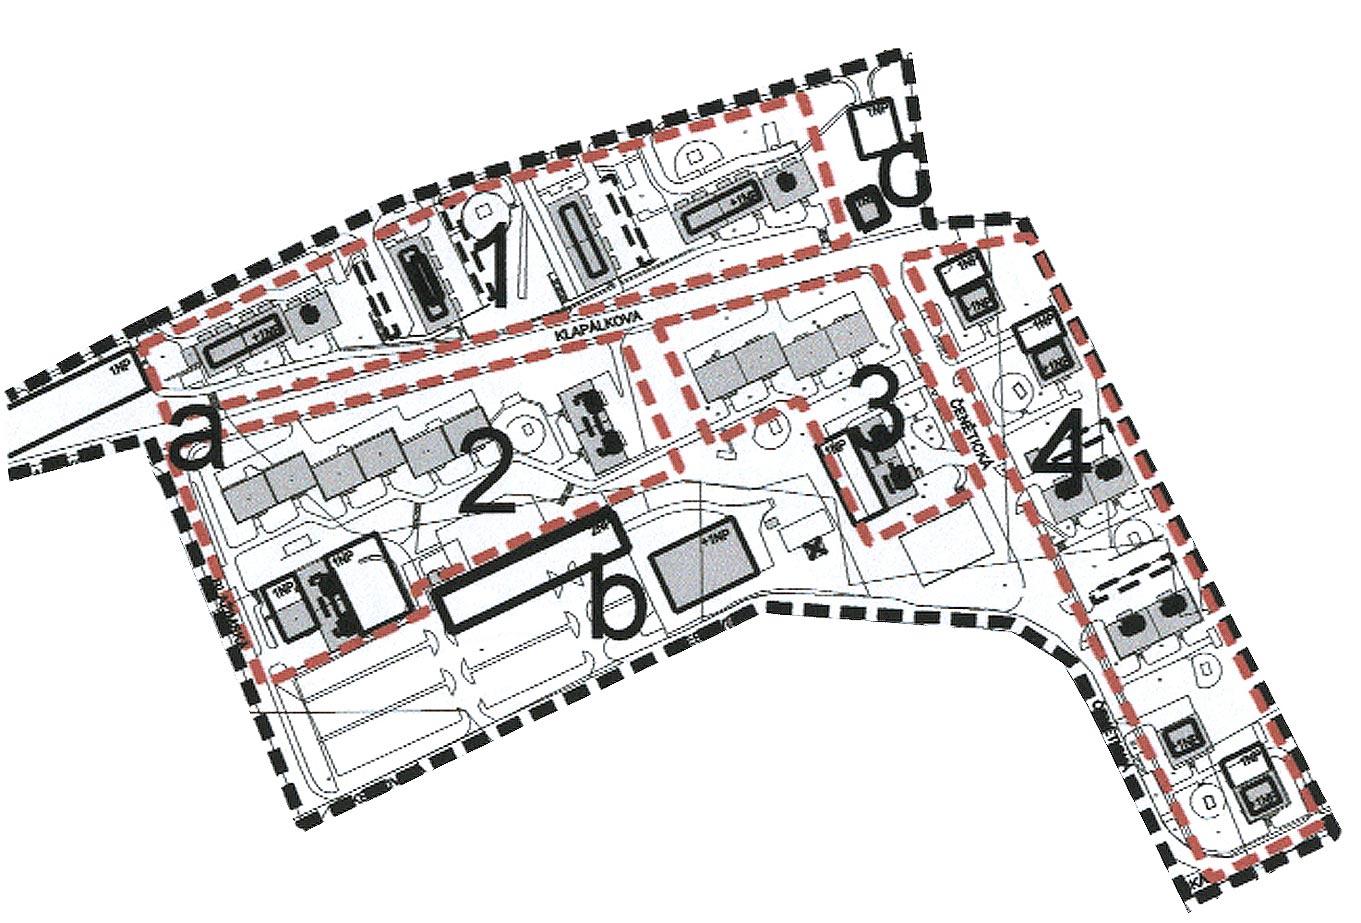 Schema rozdělení celku do skupin - schema, obrázek se otevře v novém okně